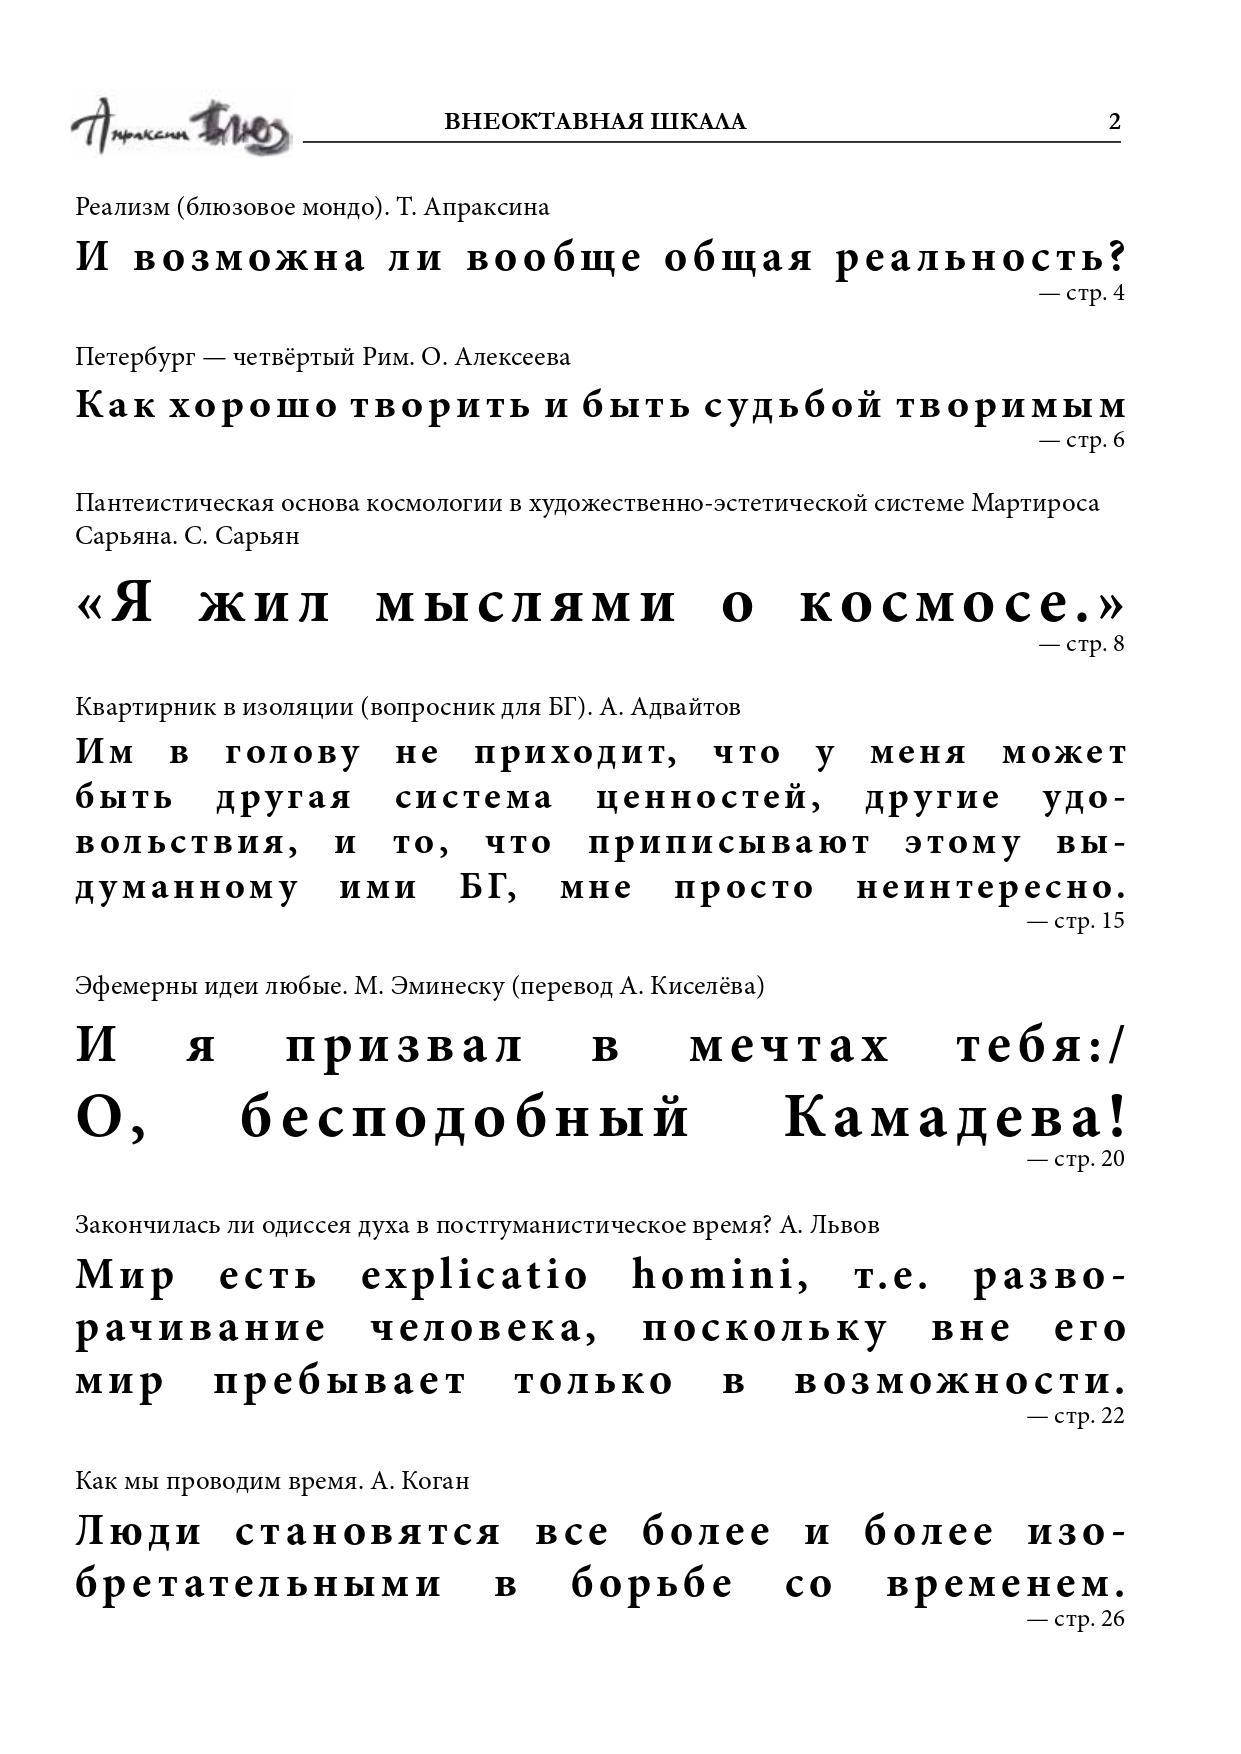 http://forumupload.ru/uploads/000a/78/7a/526/853349.jpg